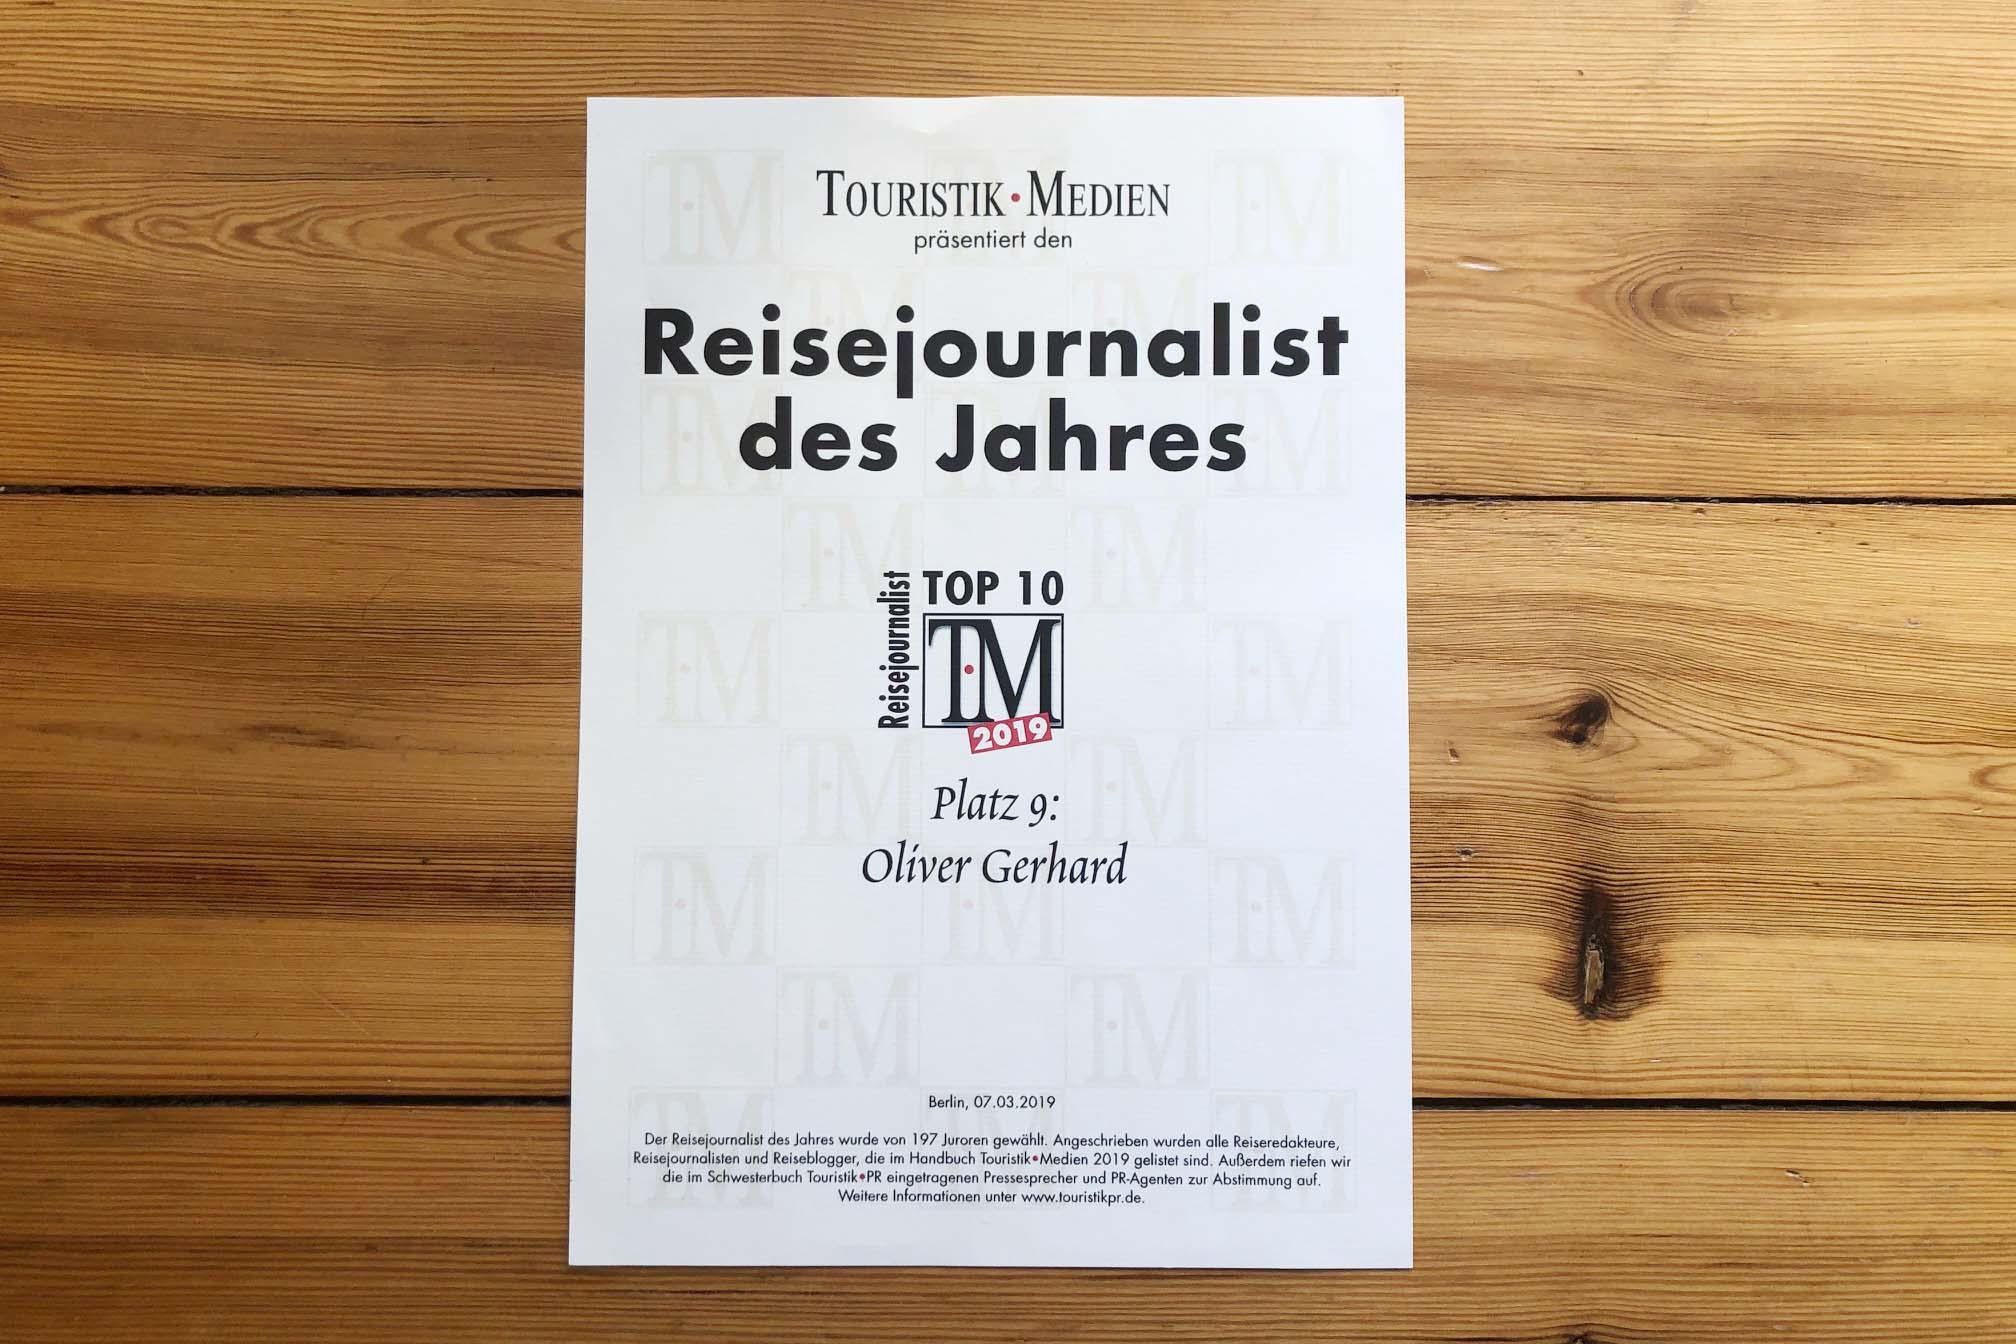 Reisejournalisten des Jahres 2019